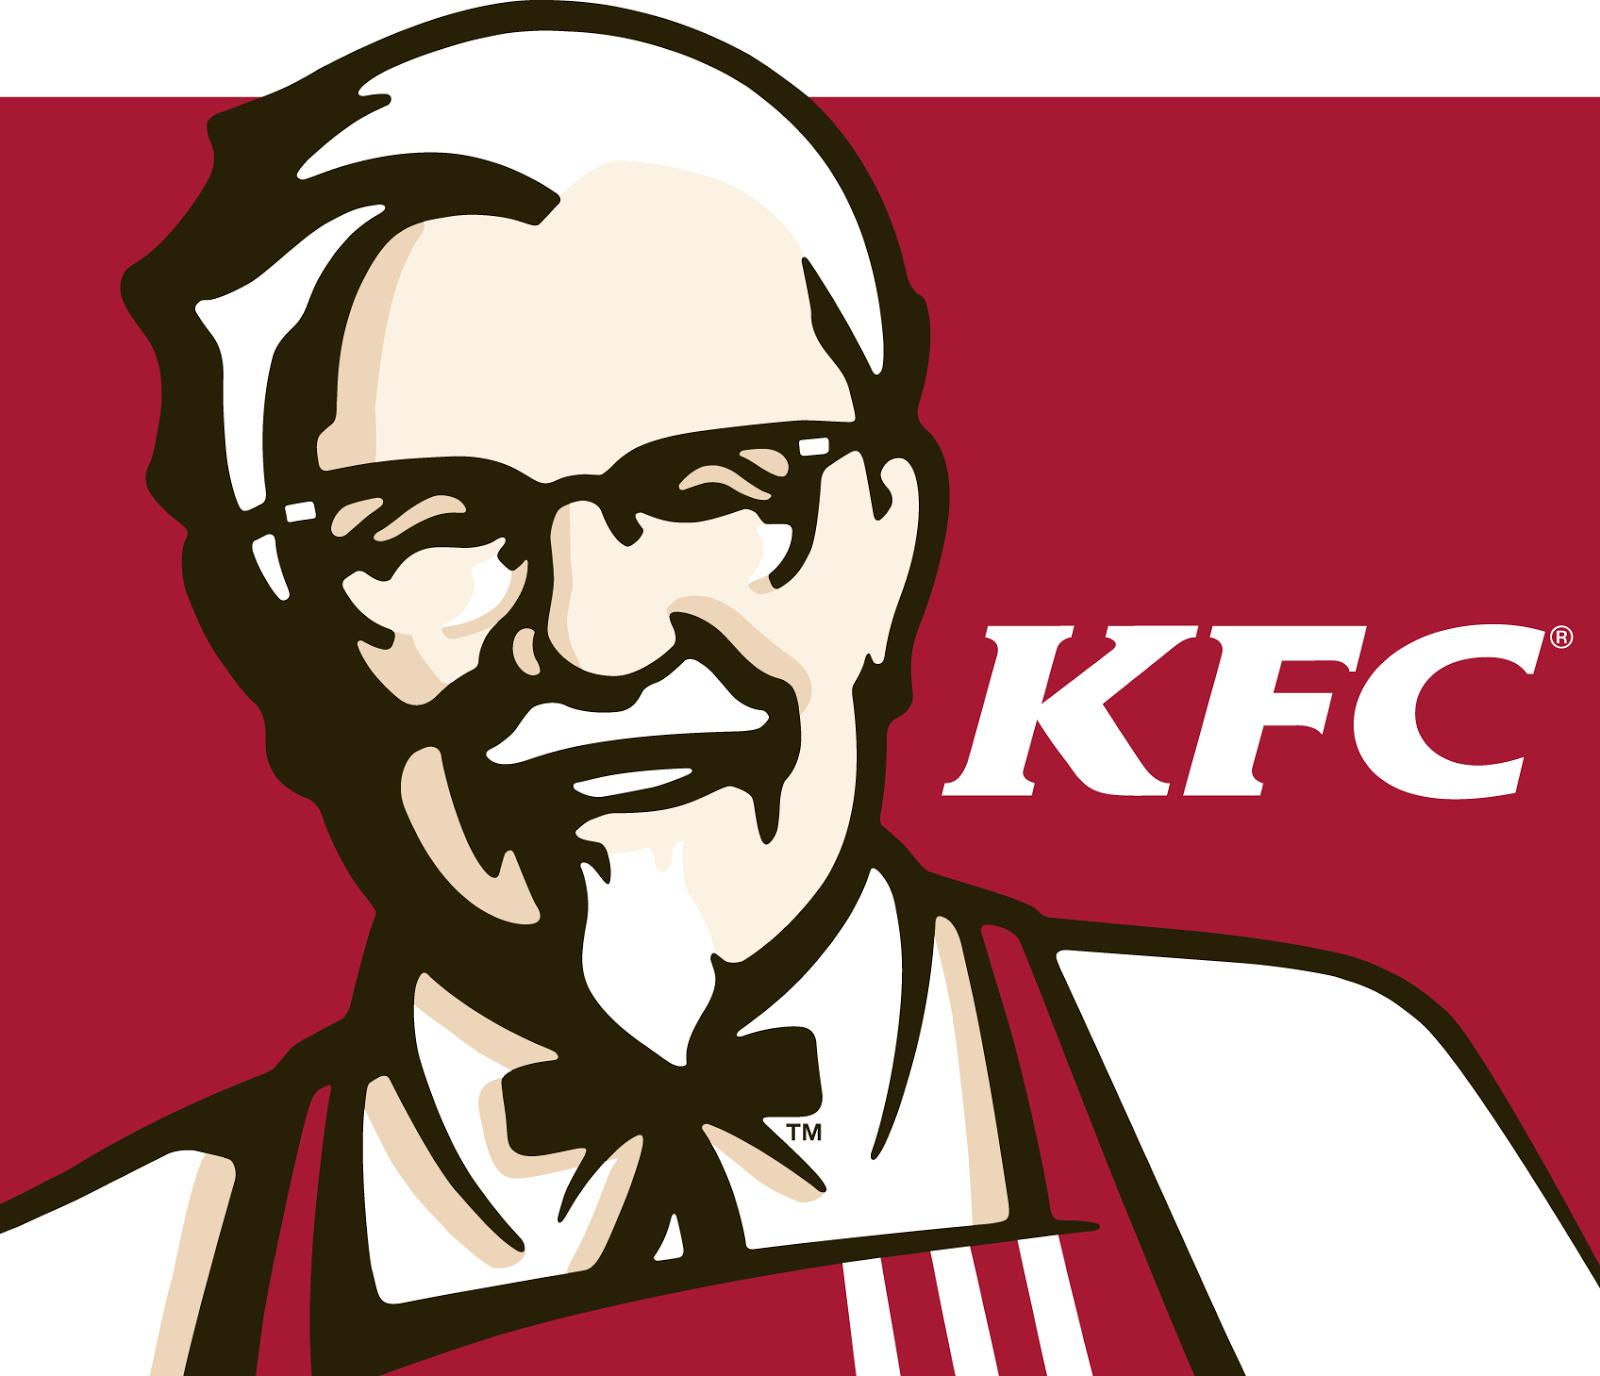 Daftar Menu dan Harga KFC Terbaru 2014 ~ Daftar Harga ...